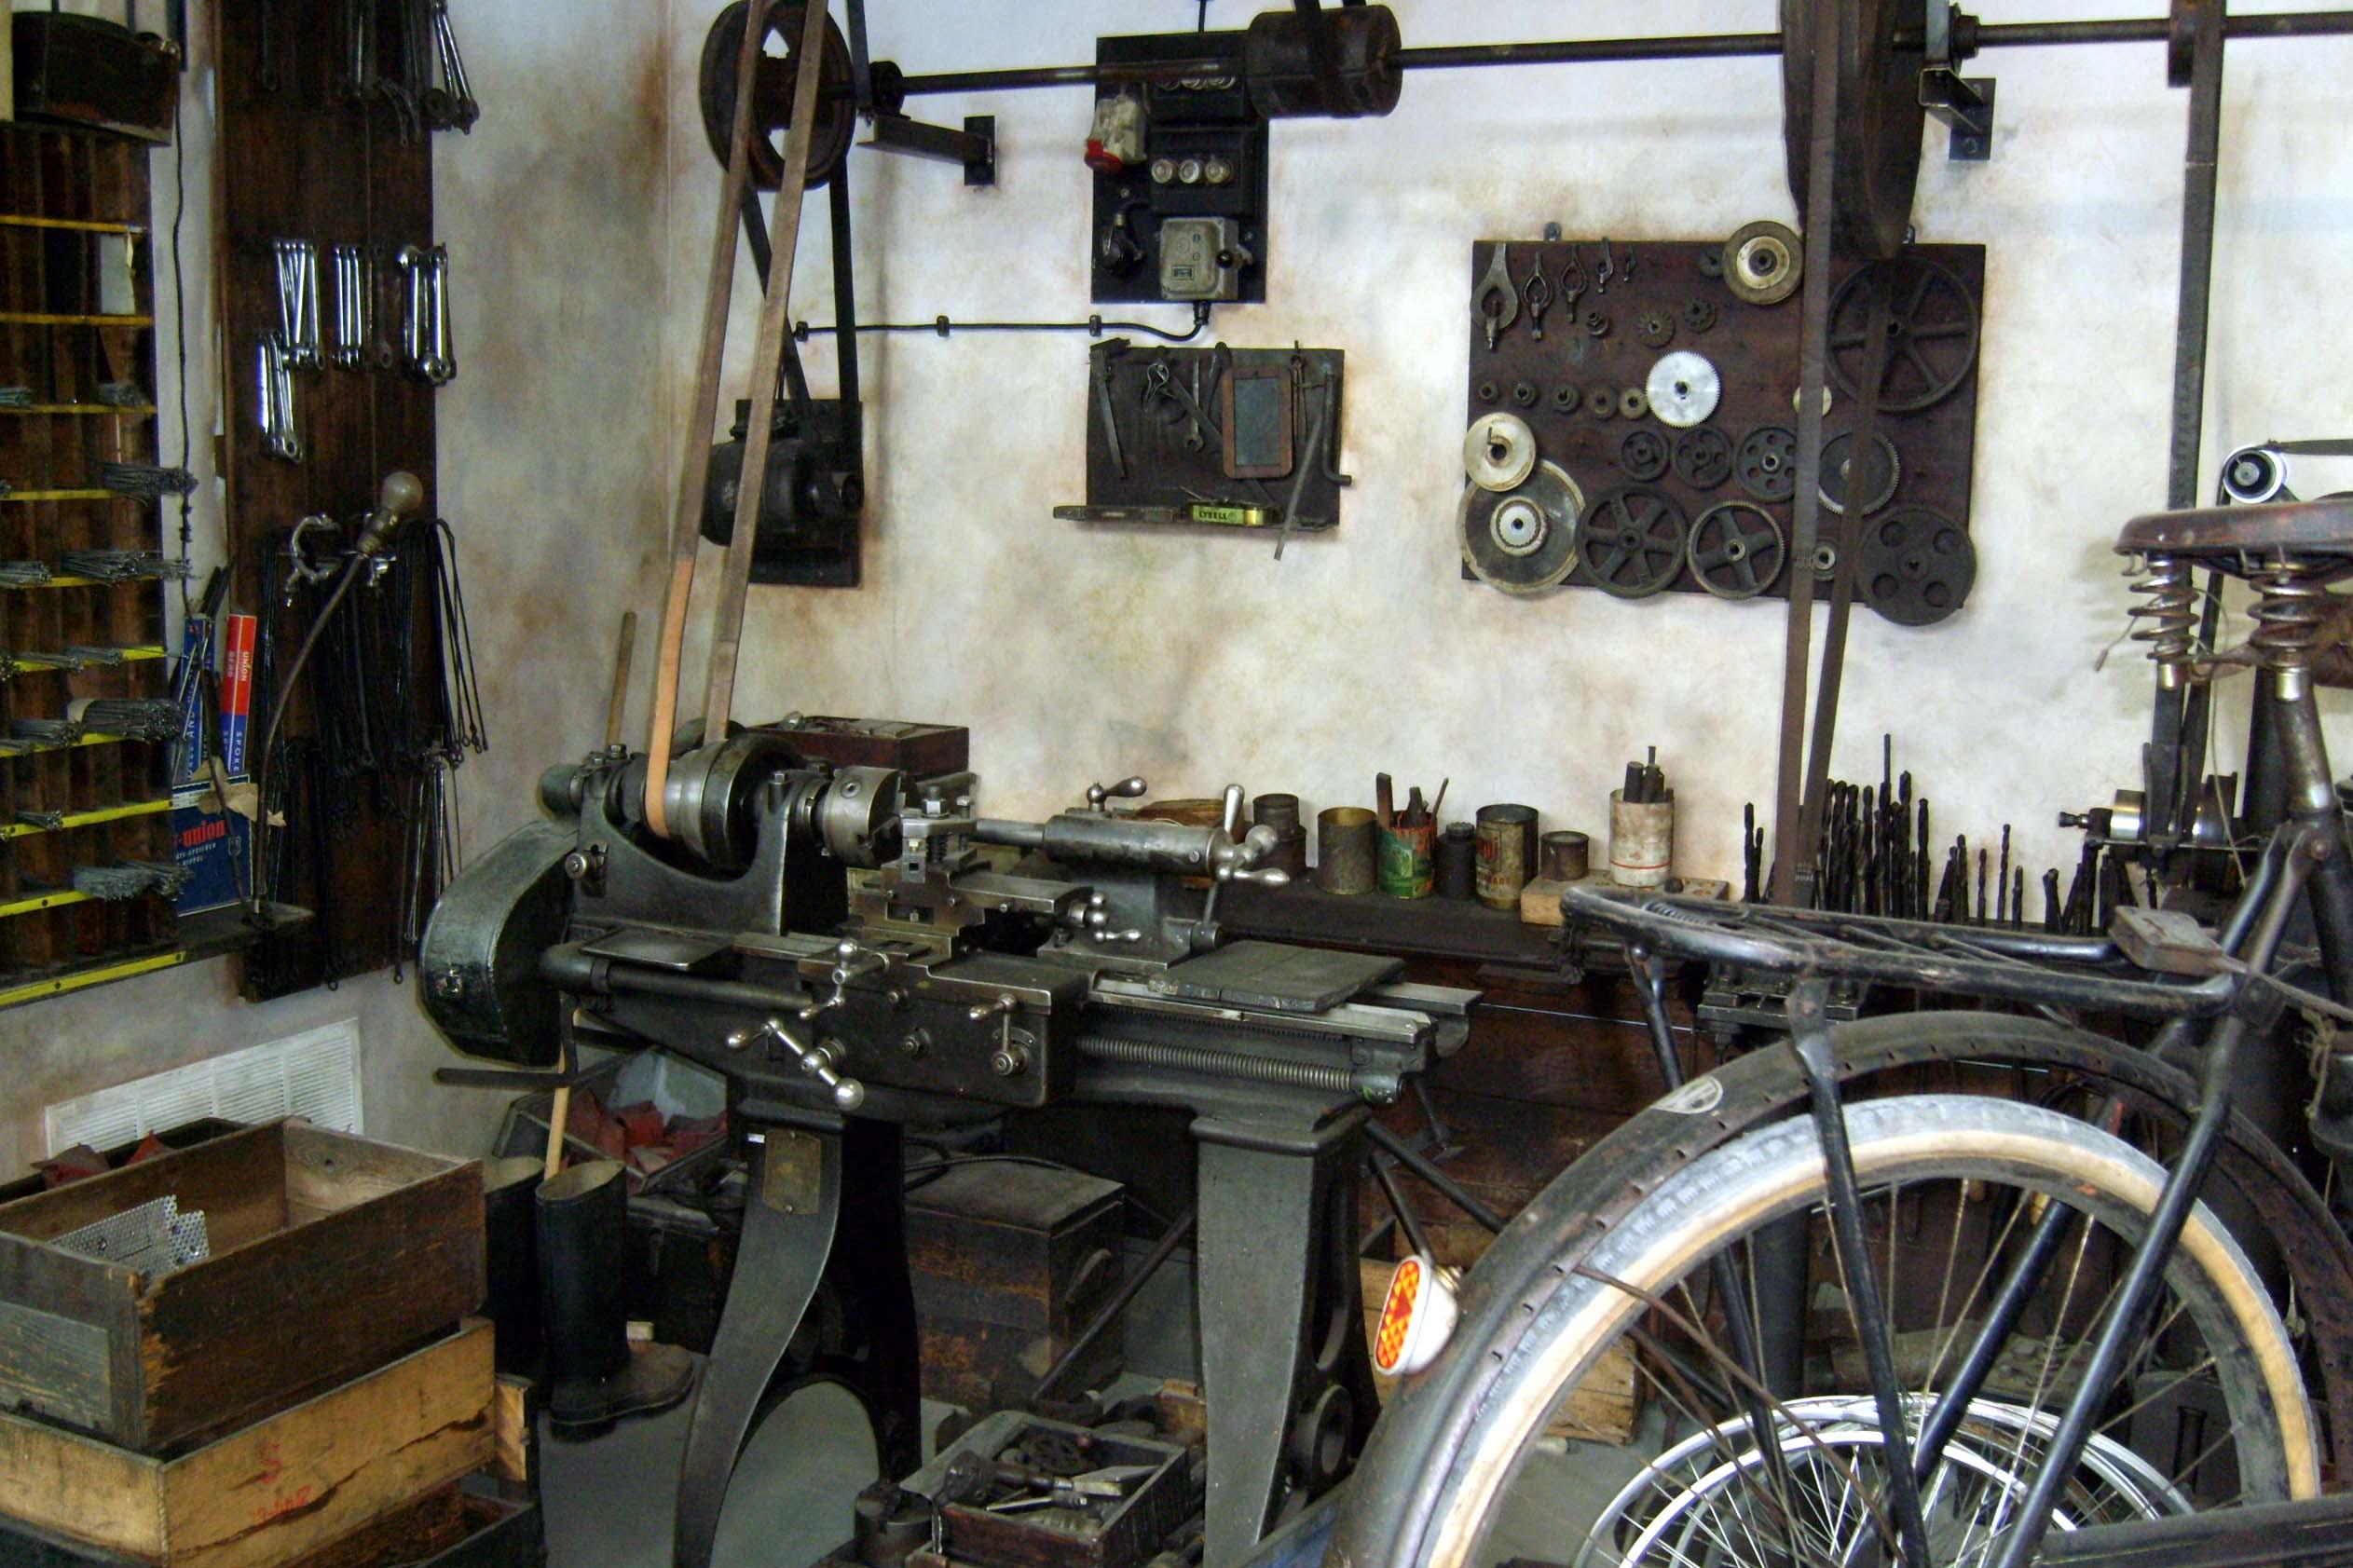 Blick in eine alte Zweiradwerkstatt mit Drehbank